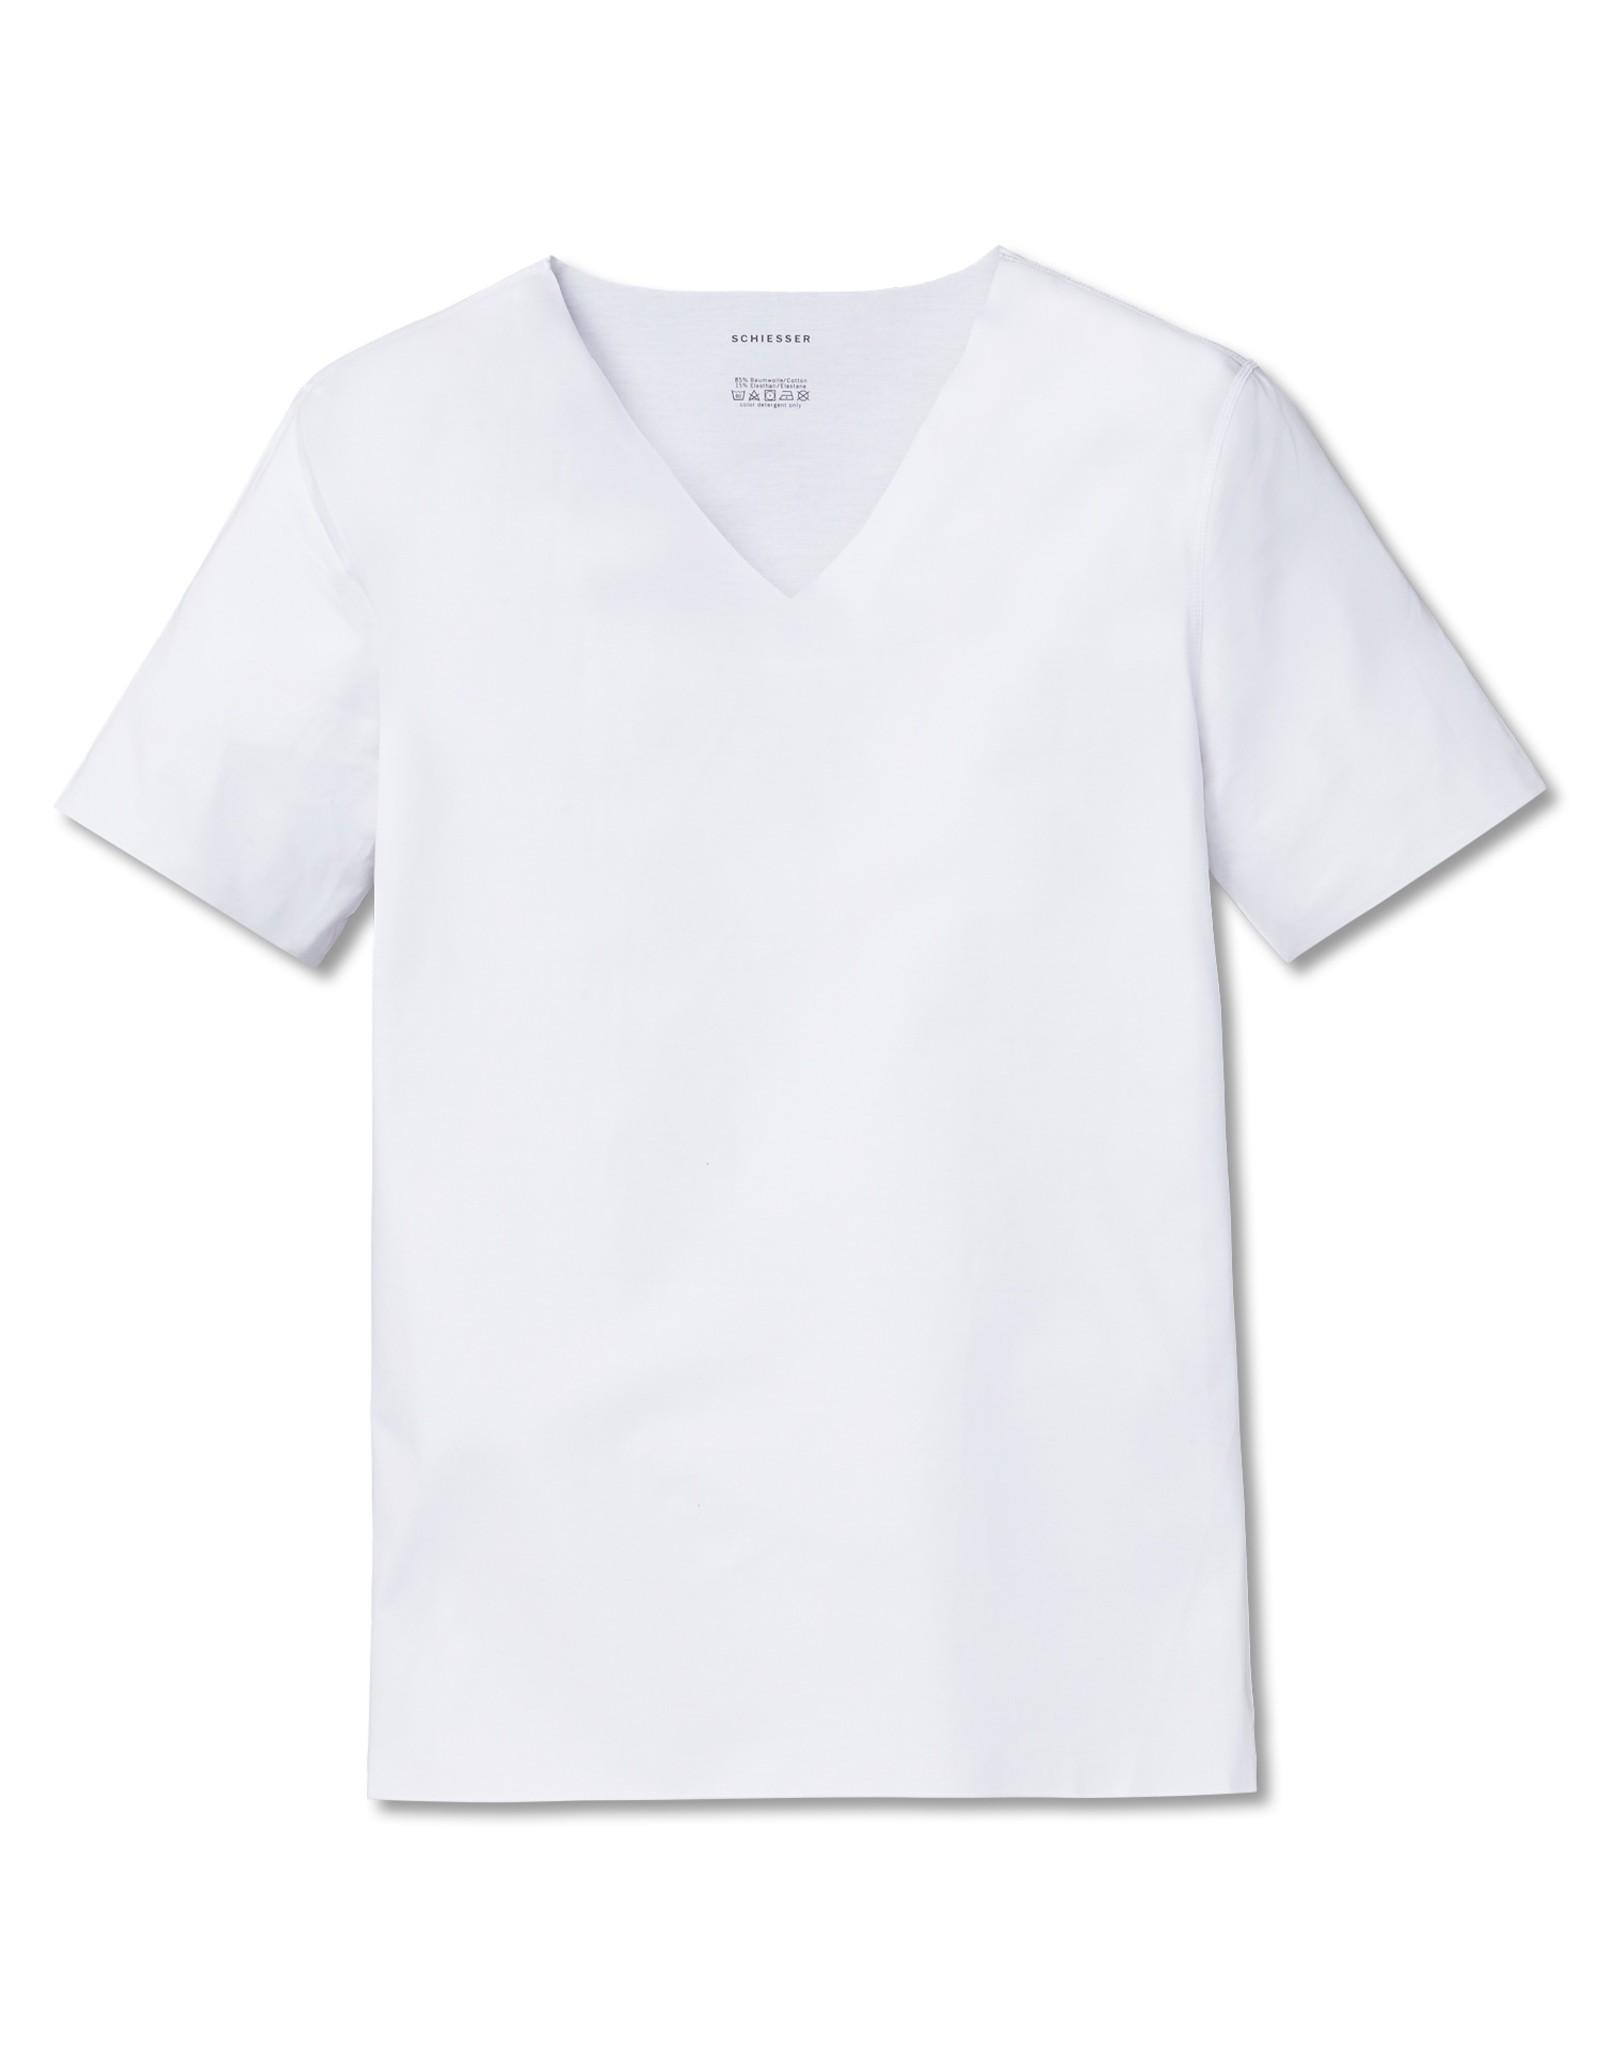 Schiesser Basic Shirt 1/2 laser cut, 152832-100